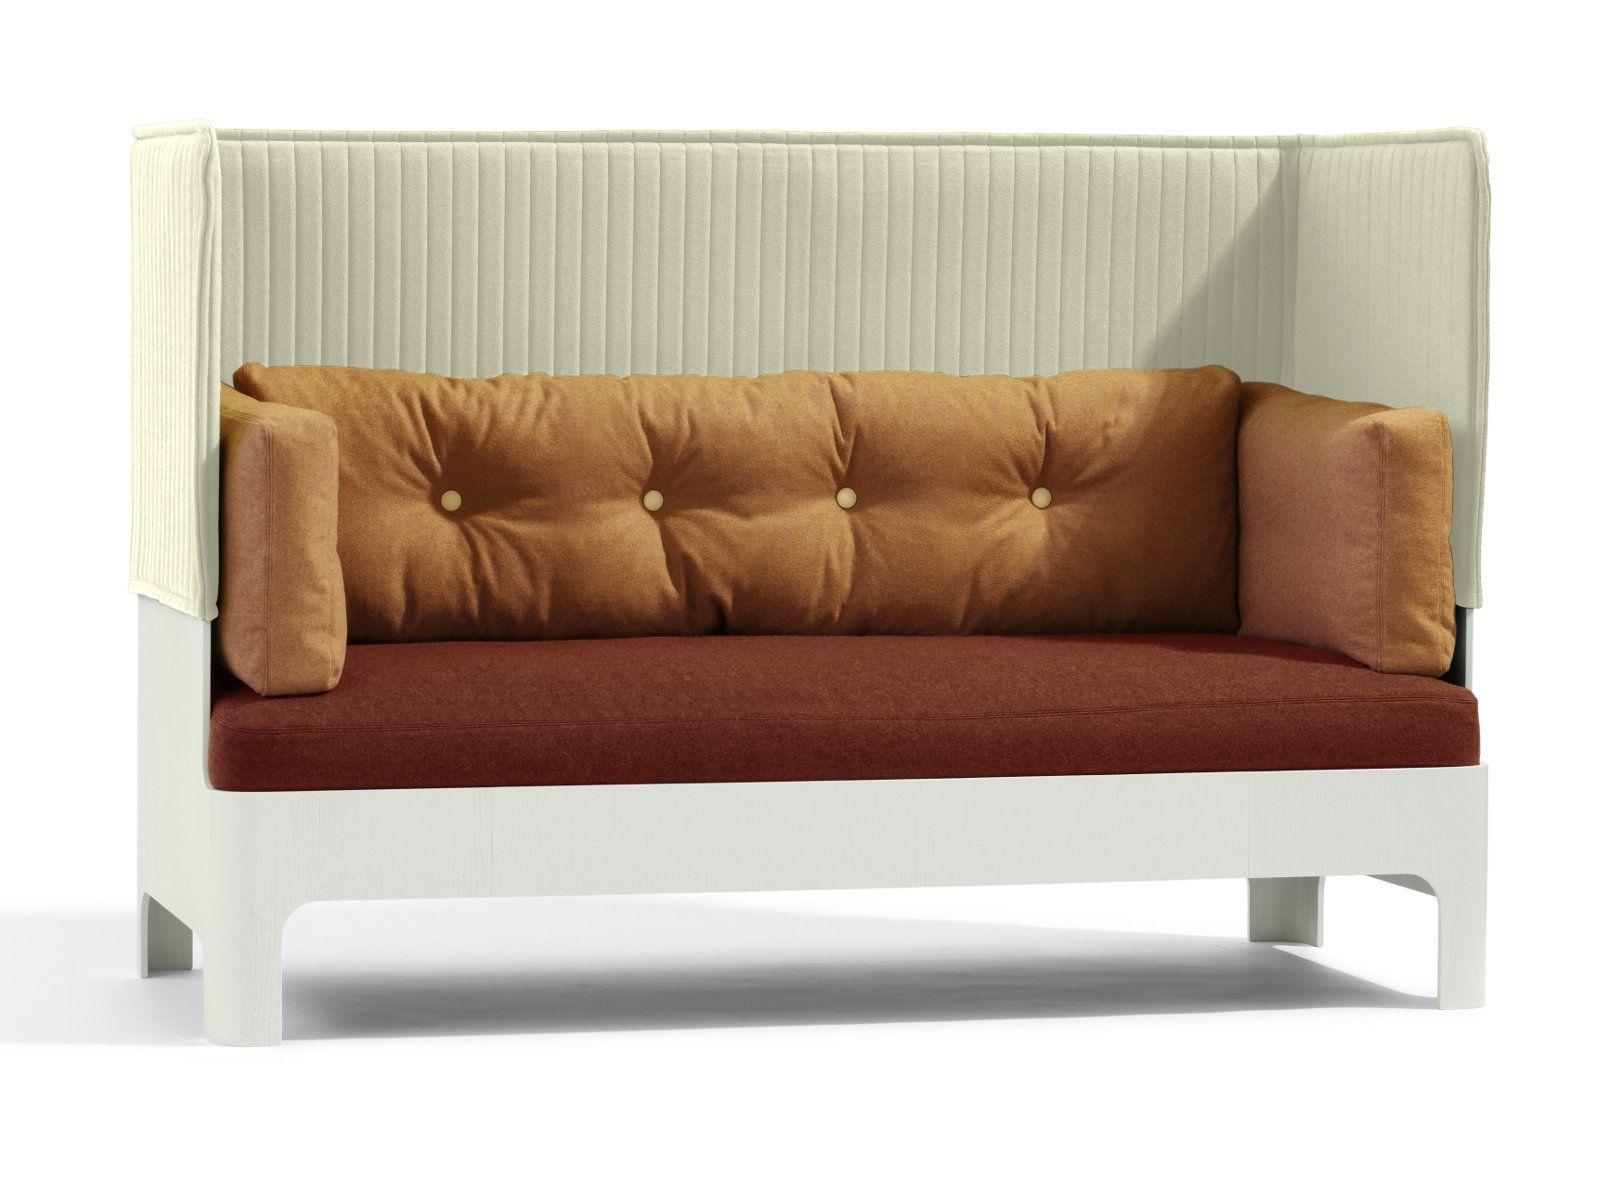 Divano con schienale alto koja divano con schienale alto bl station - Schienale divano ...